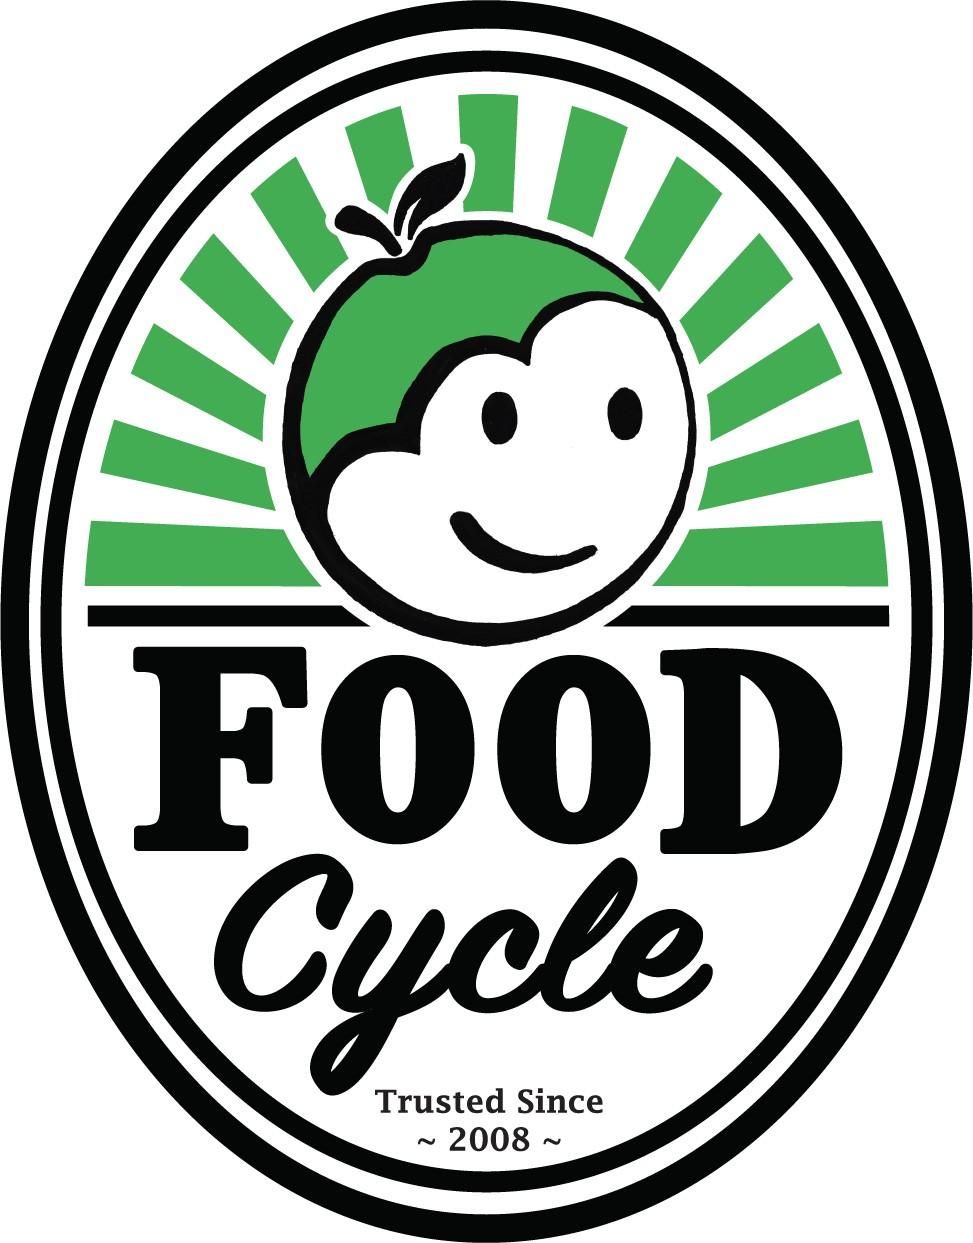 FoodCycle-Logo.jpg